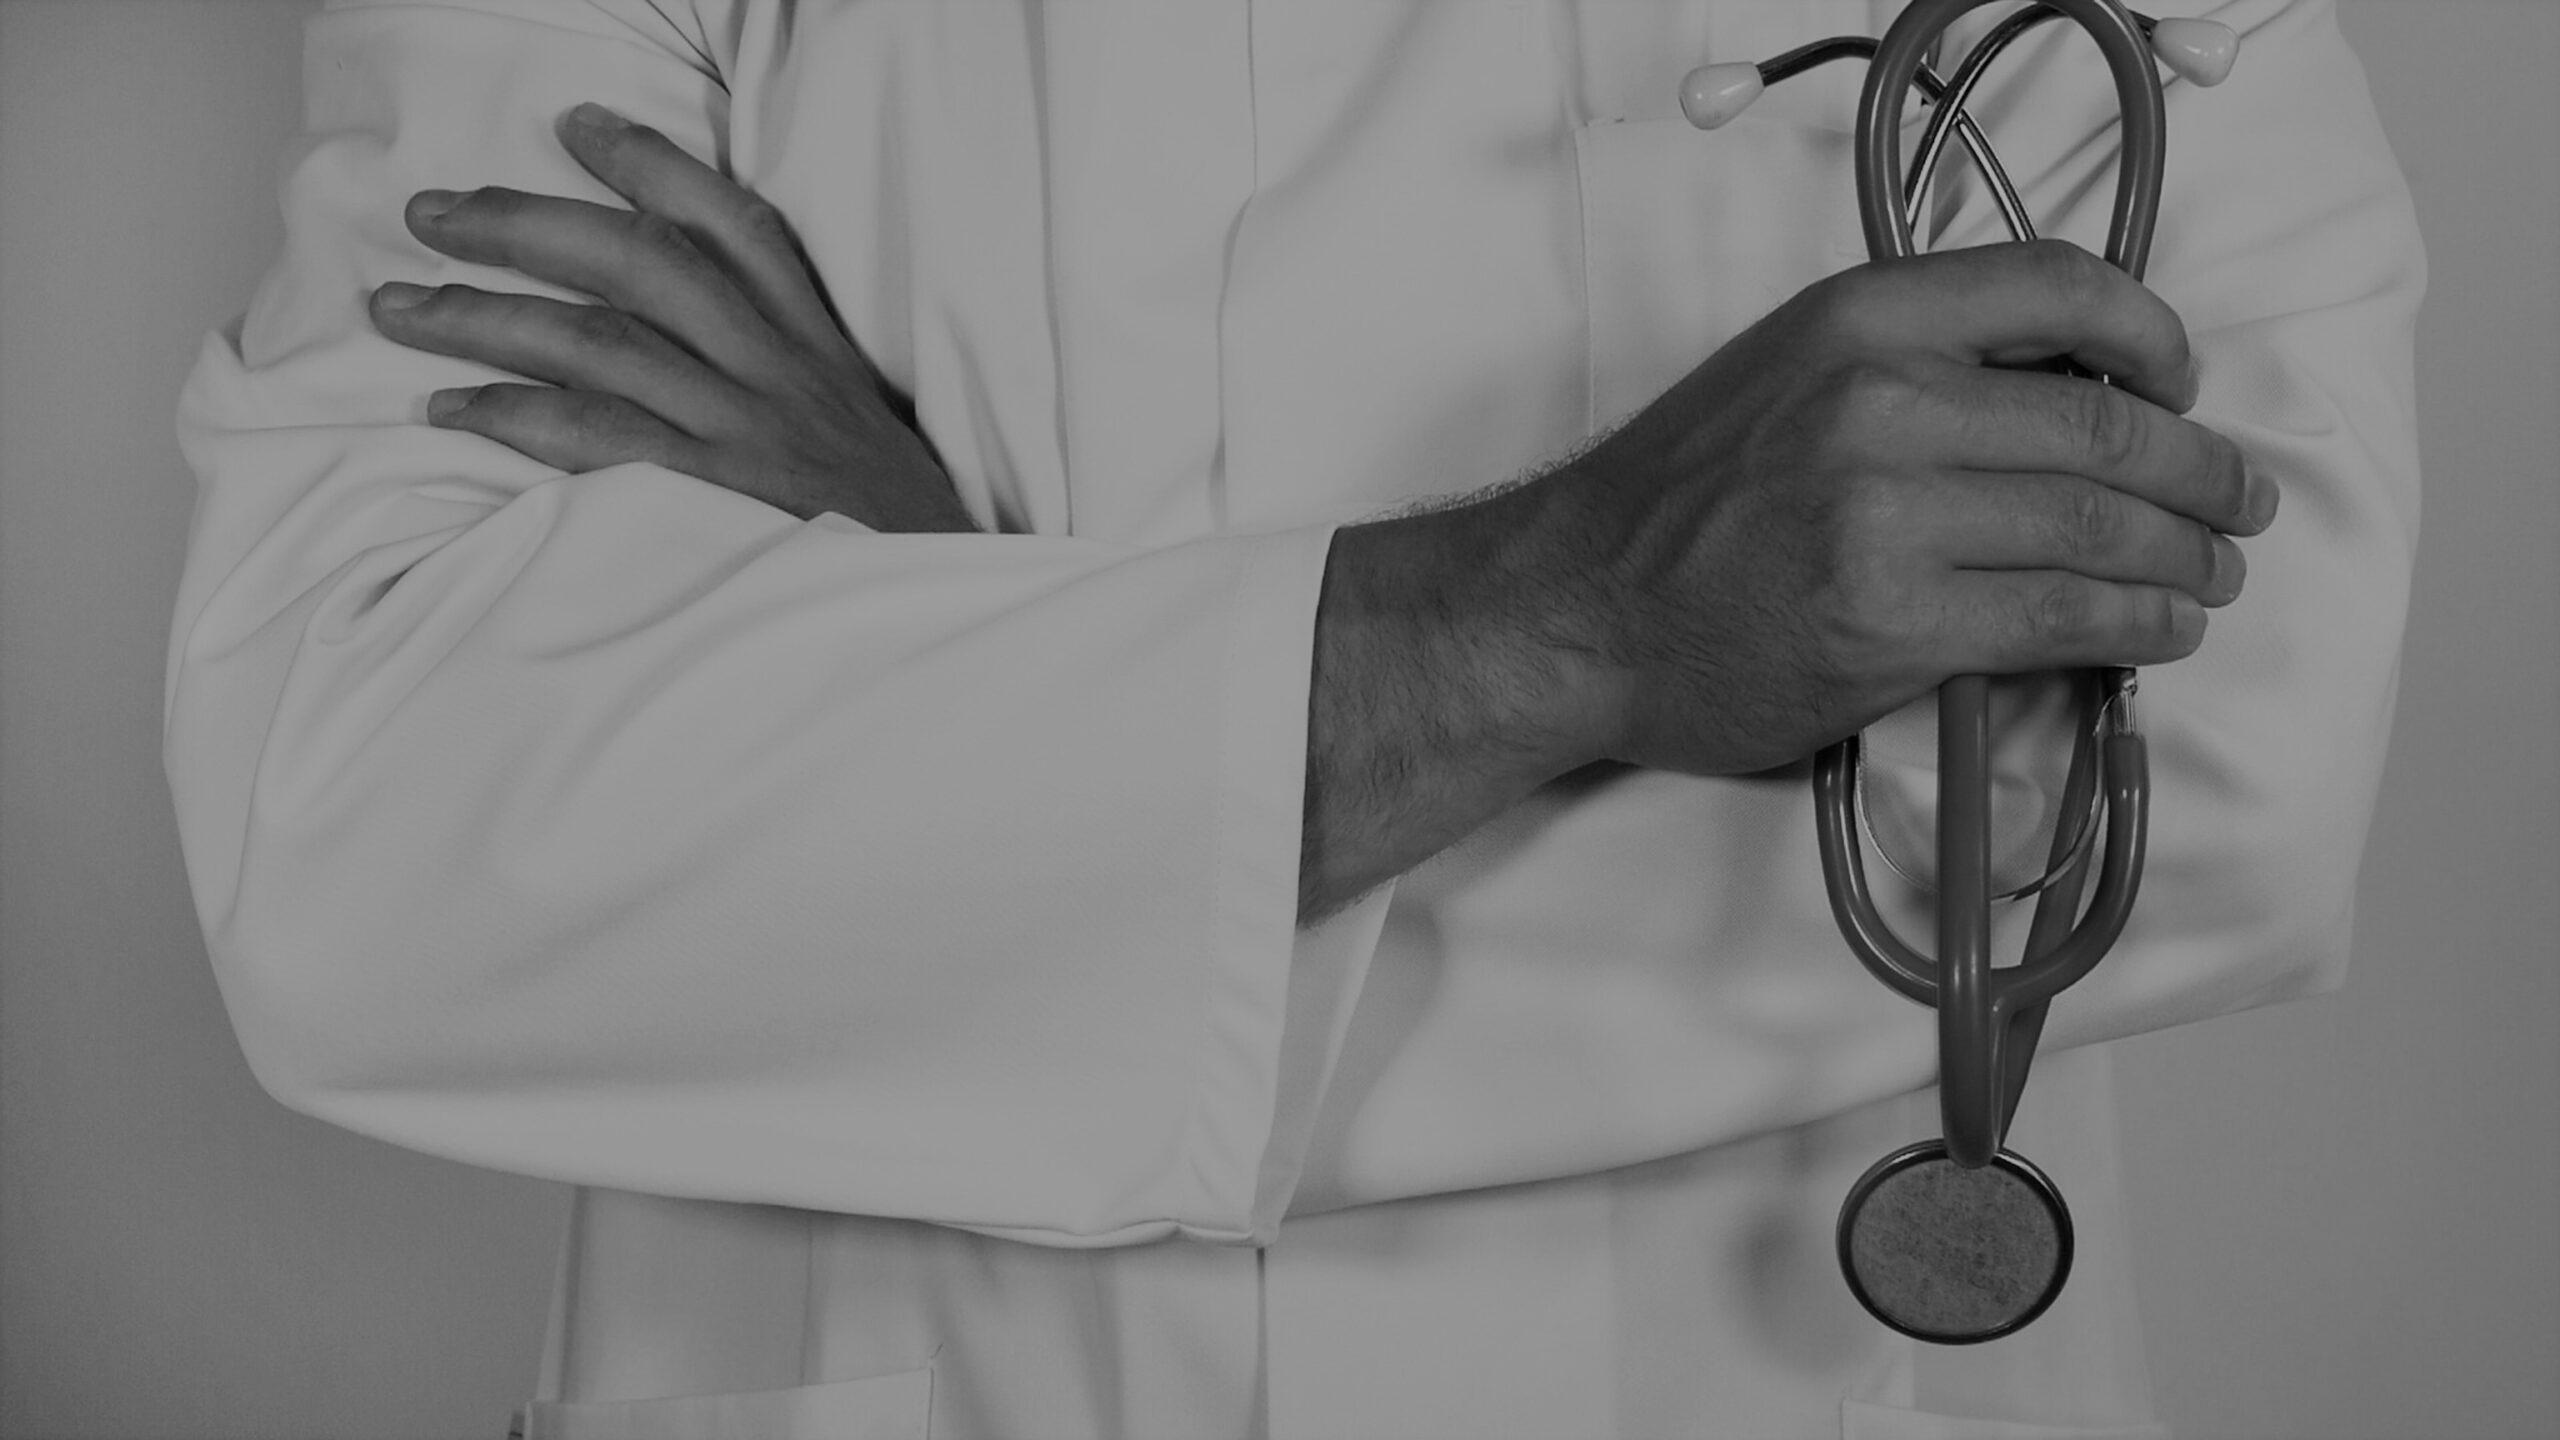 Németországban egy szíriai orvost emberiség ellen elkövetett bűncselekményekkel vádolnak